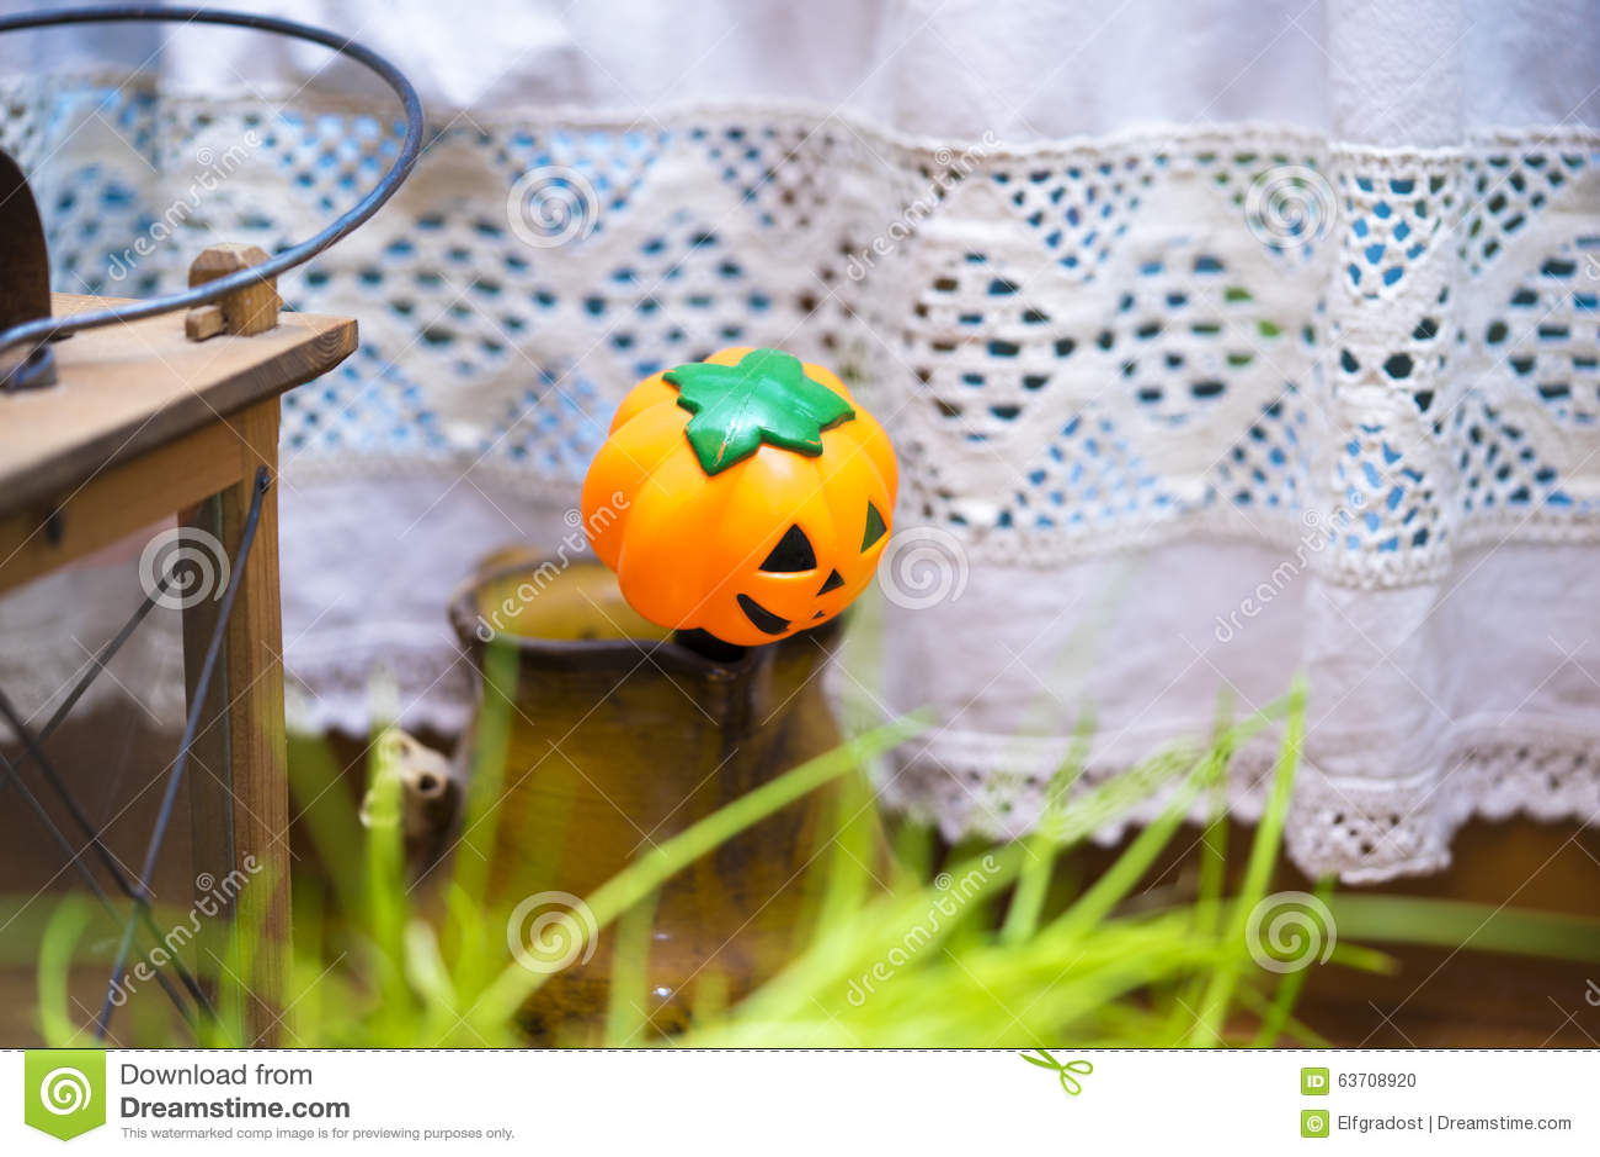 De kleine decoratie van de hefboomo lantaarn in het plaatsen van het land stock foto - Decoratie van de kamers van de meiden ...